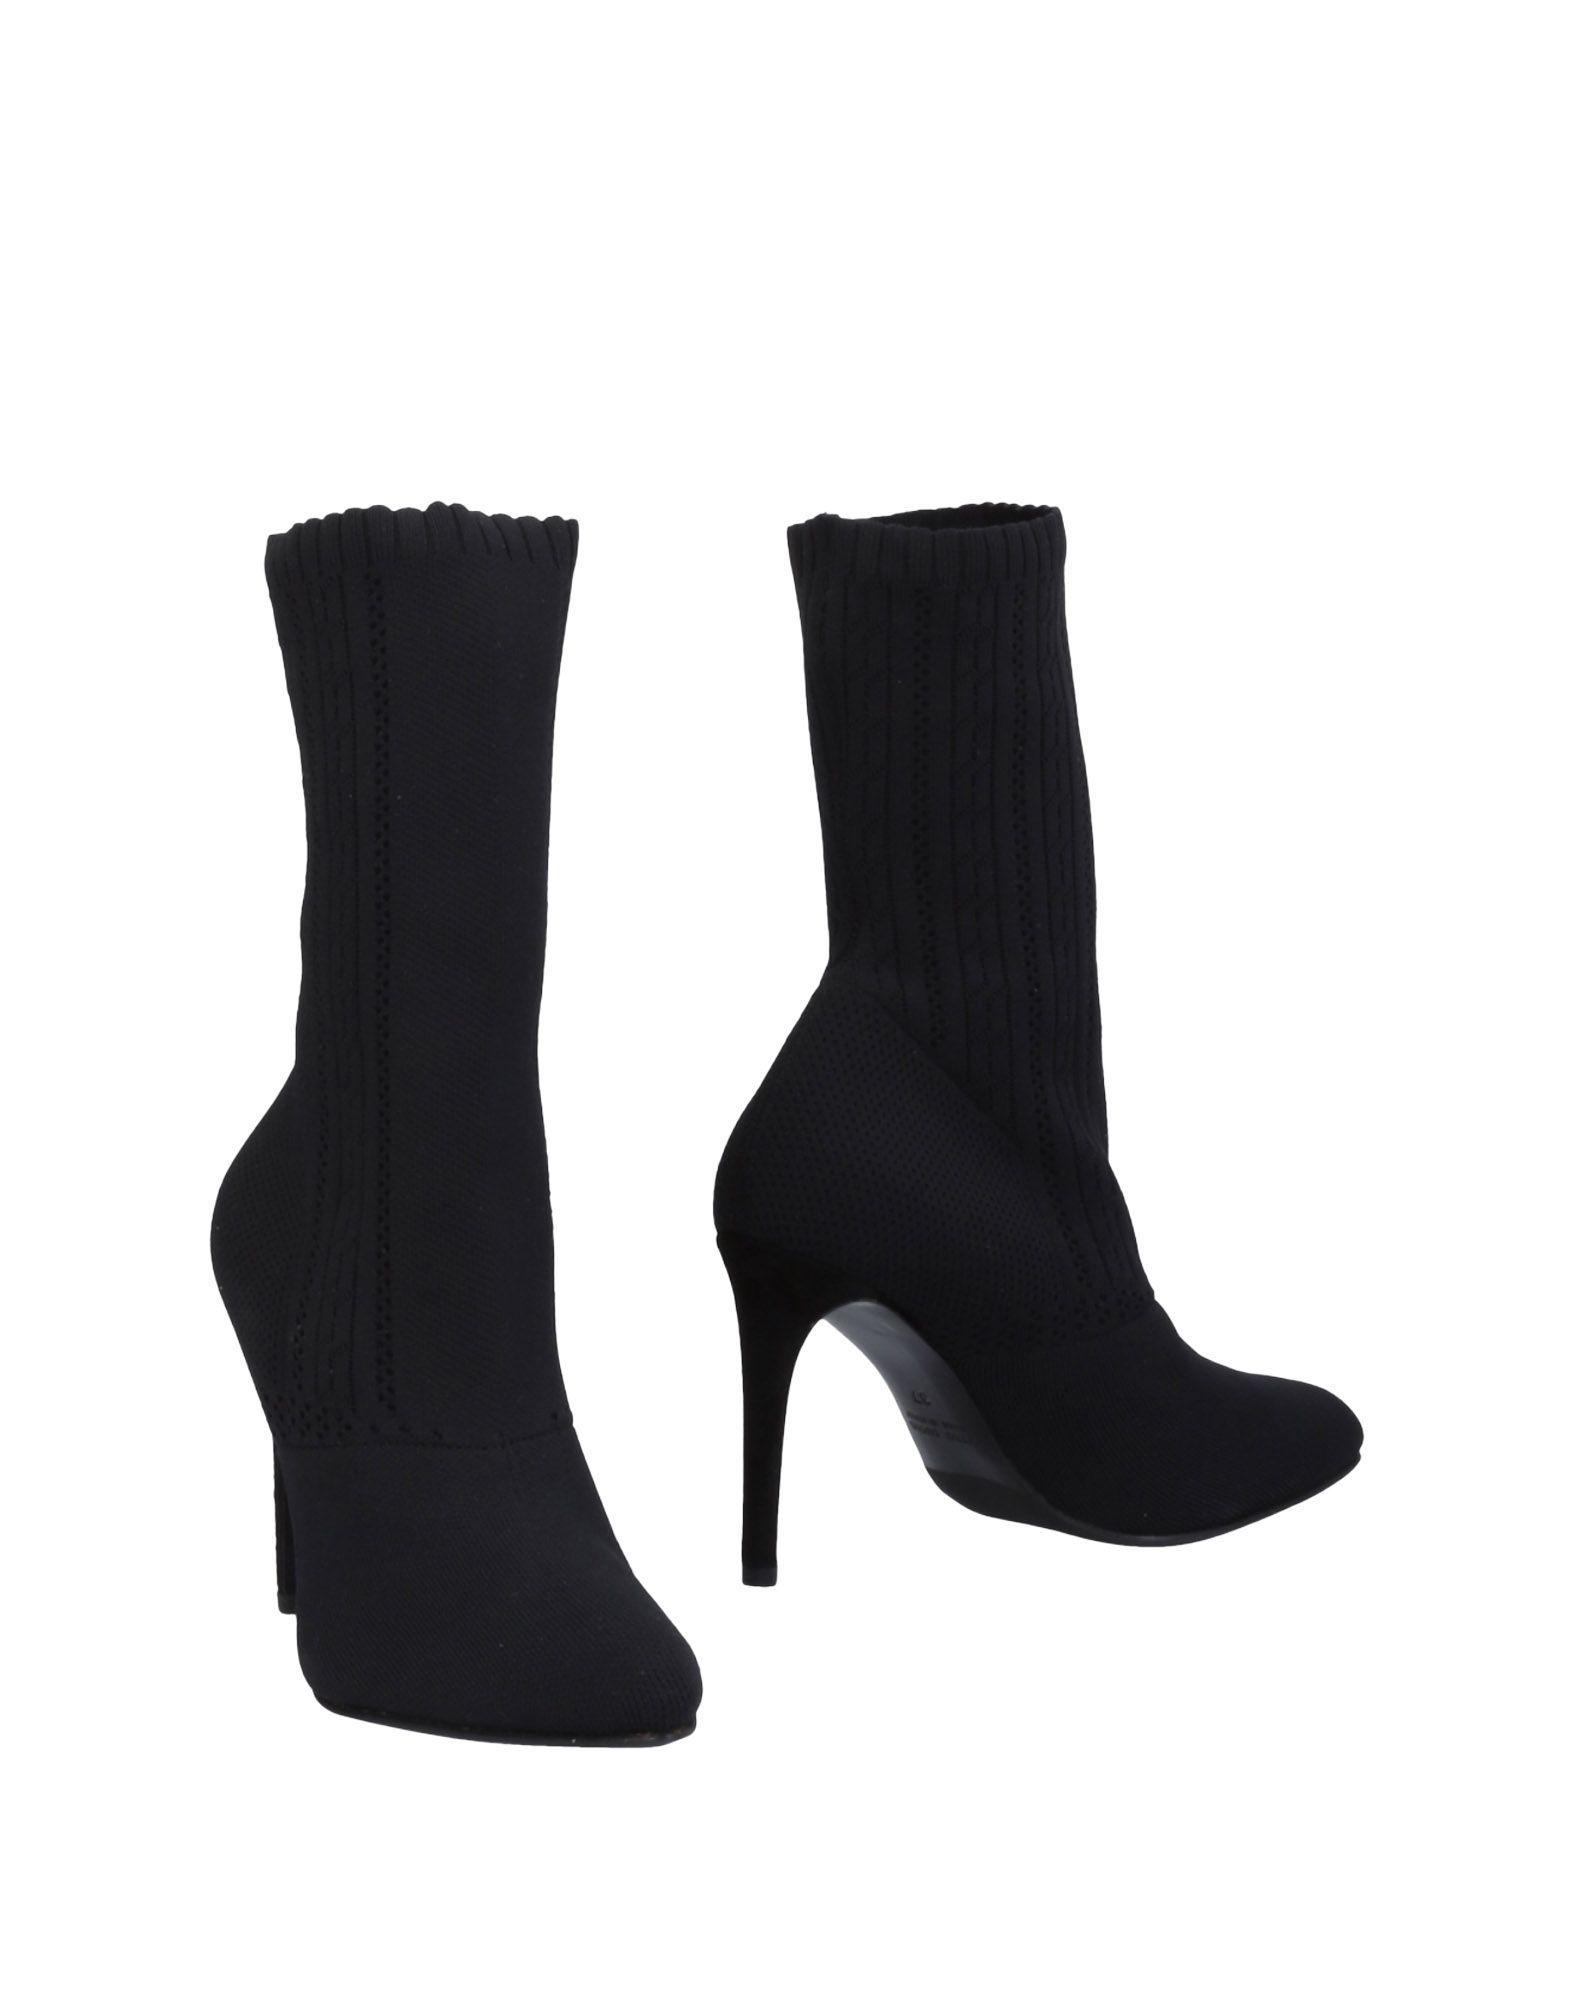 Stilvolle Stiefelette billige Schuhe Lella Baldi Stiefelette Stilvolle Damen  11460178UX 19afc8